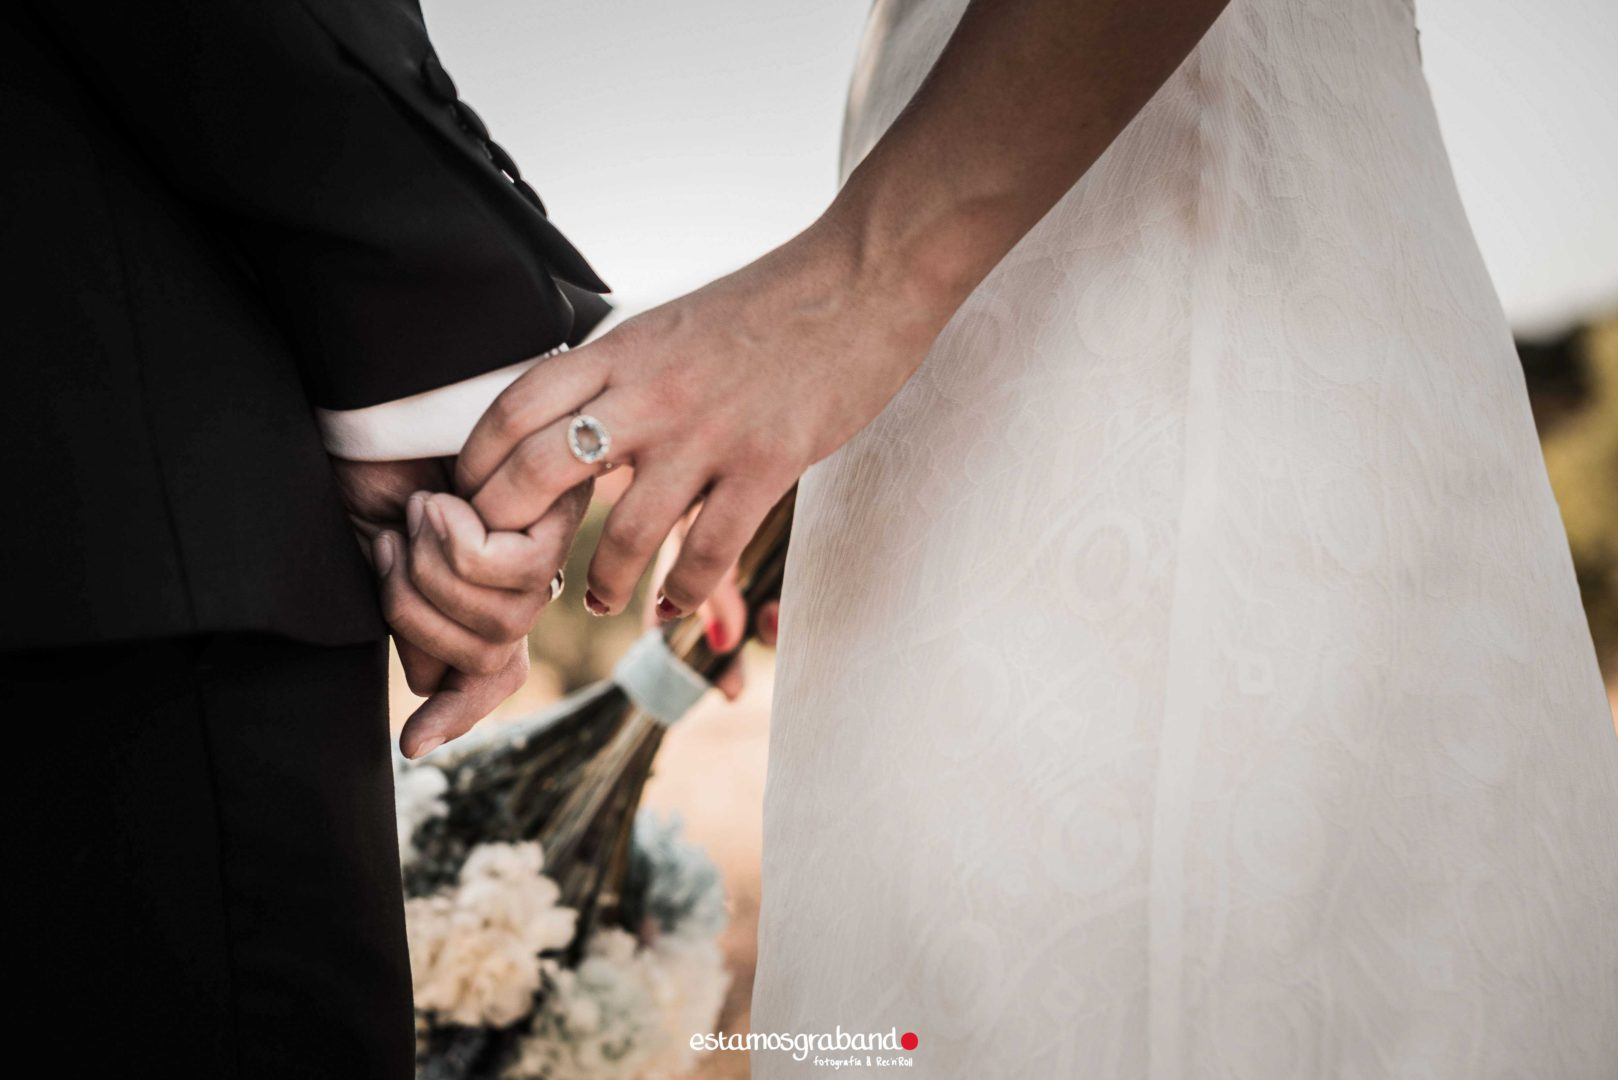 J_C-79-1618x1080 Julián & Cecilia _ Fotografía  de Boda (Ciudad Real) - video boda cadiz